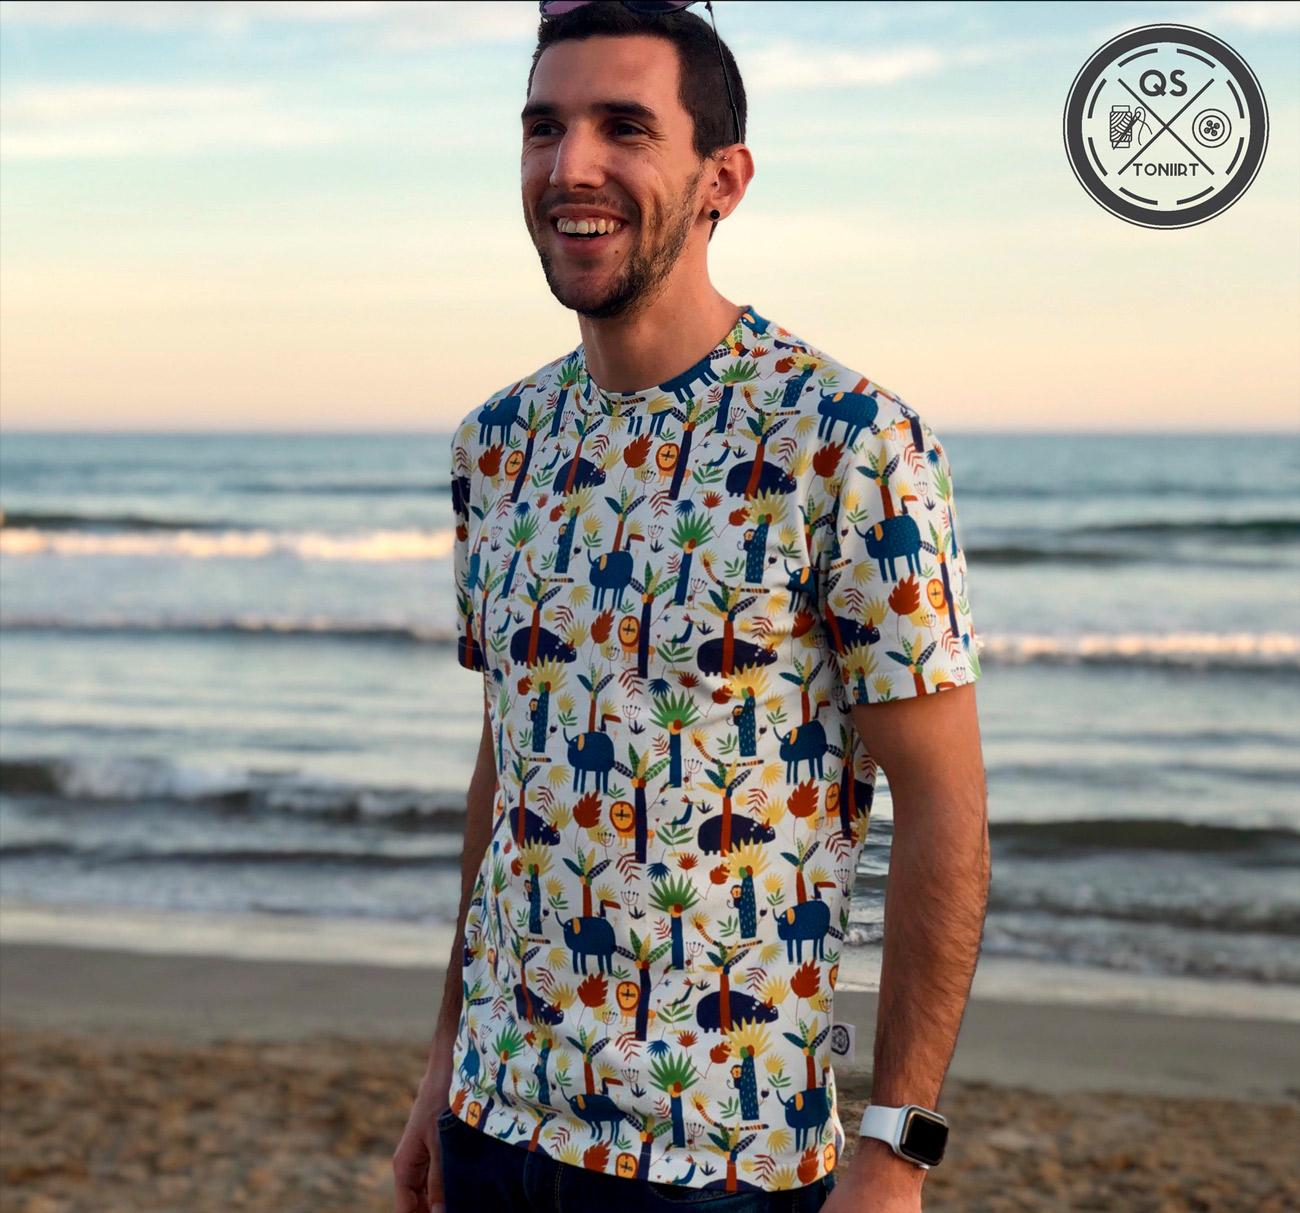 Männer-nähen-Toni Roviro-T-Shirt